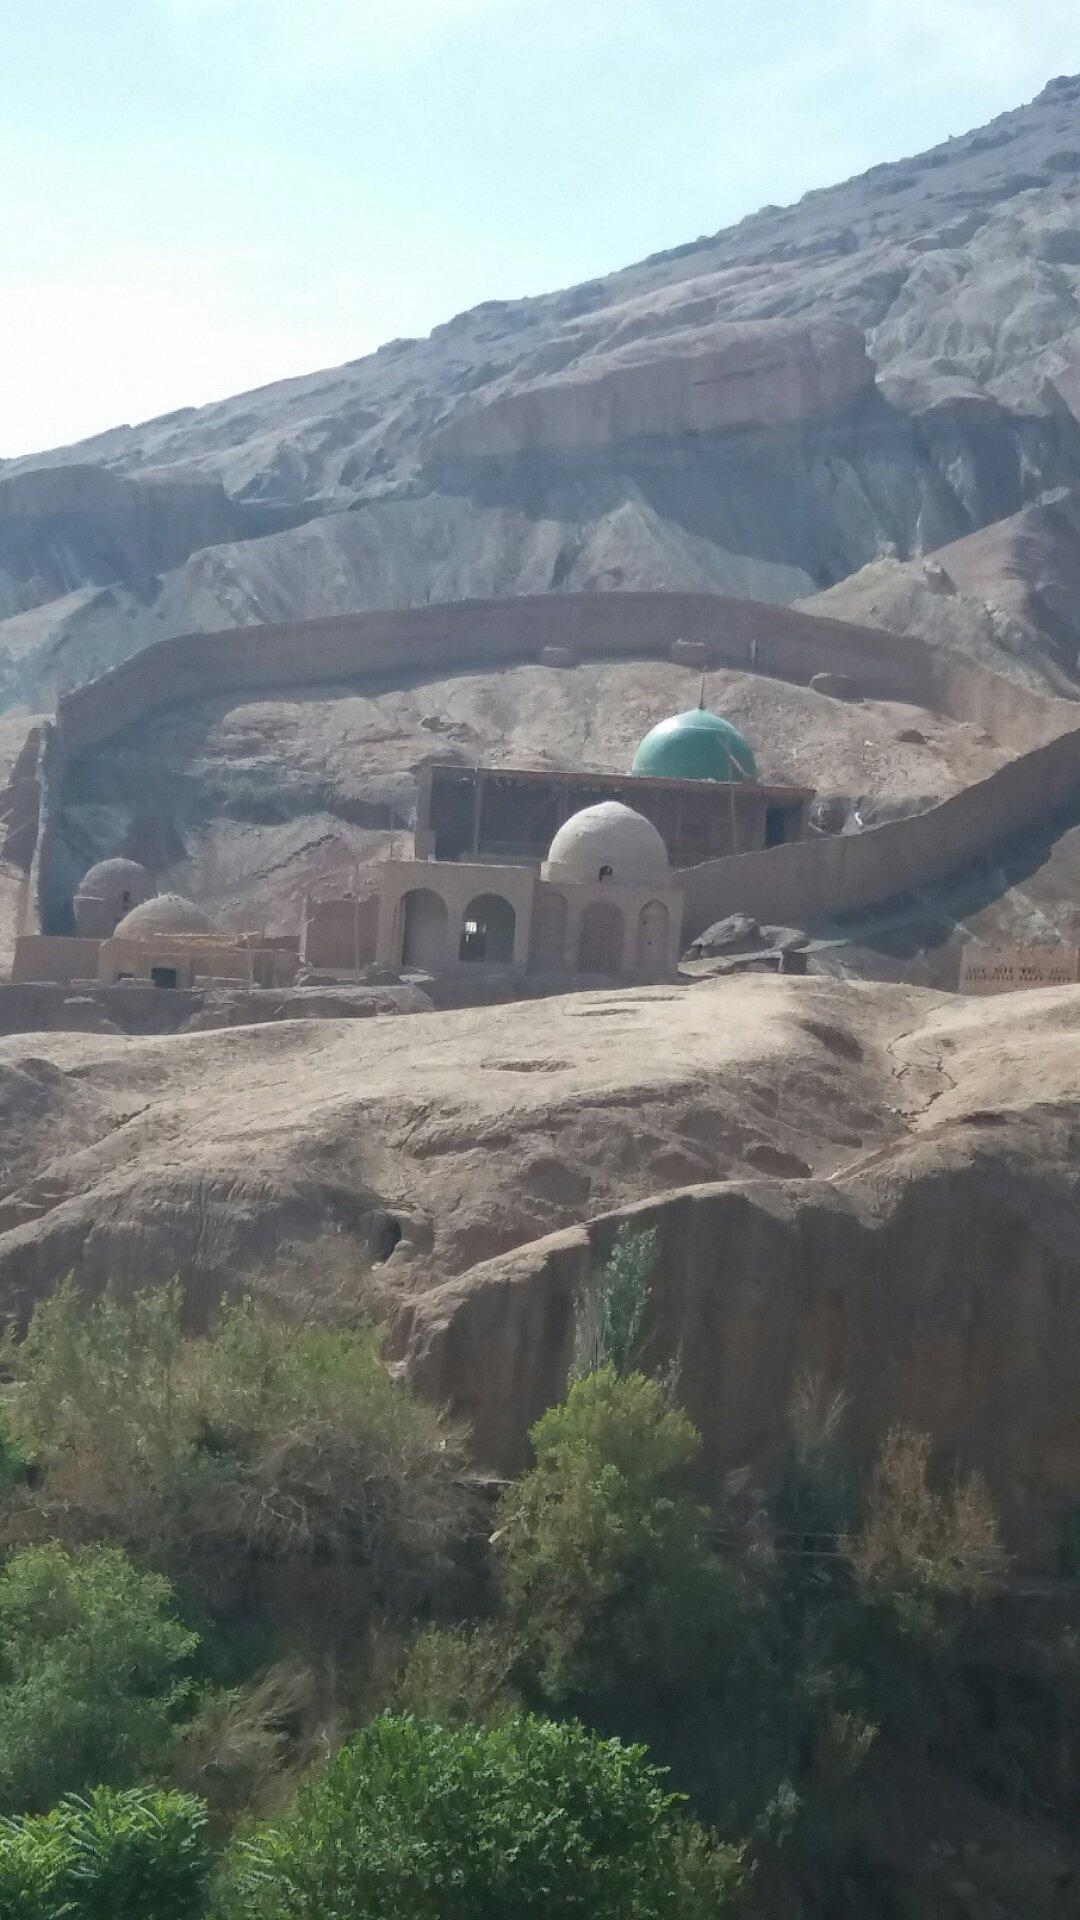 新疆维吾尔自治区吐鲁番市鄯善县吐峪沟乡065县道天气预报